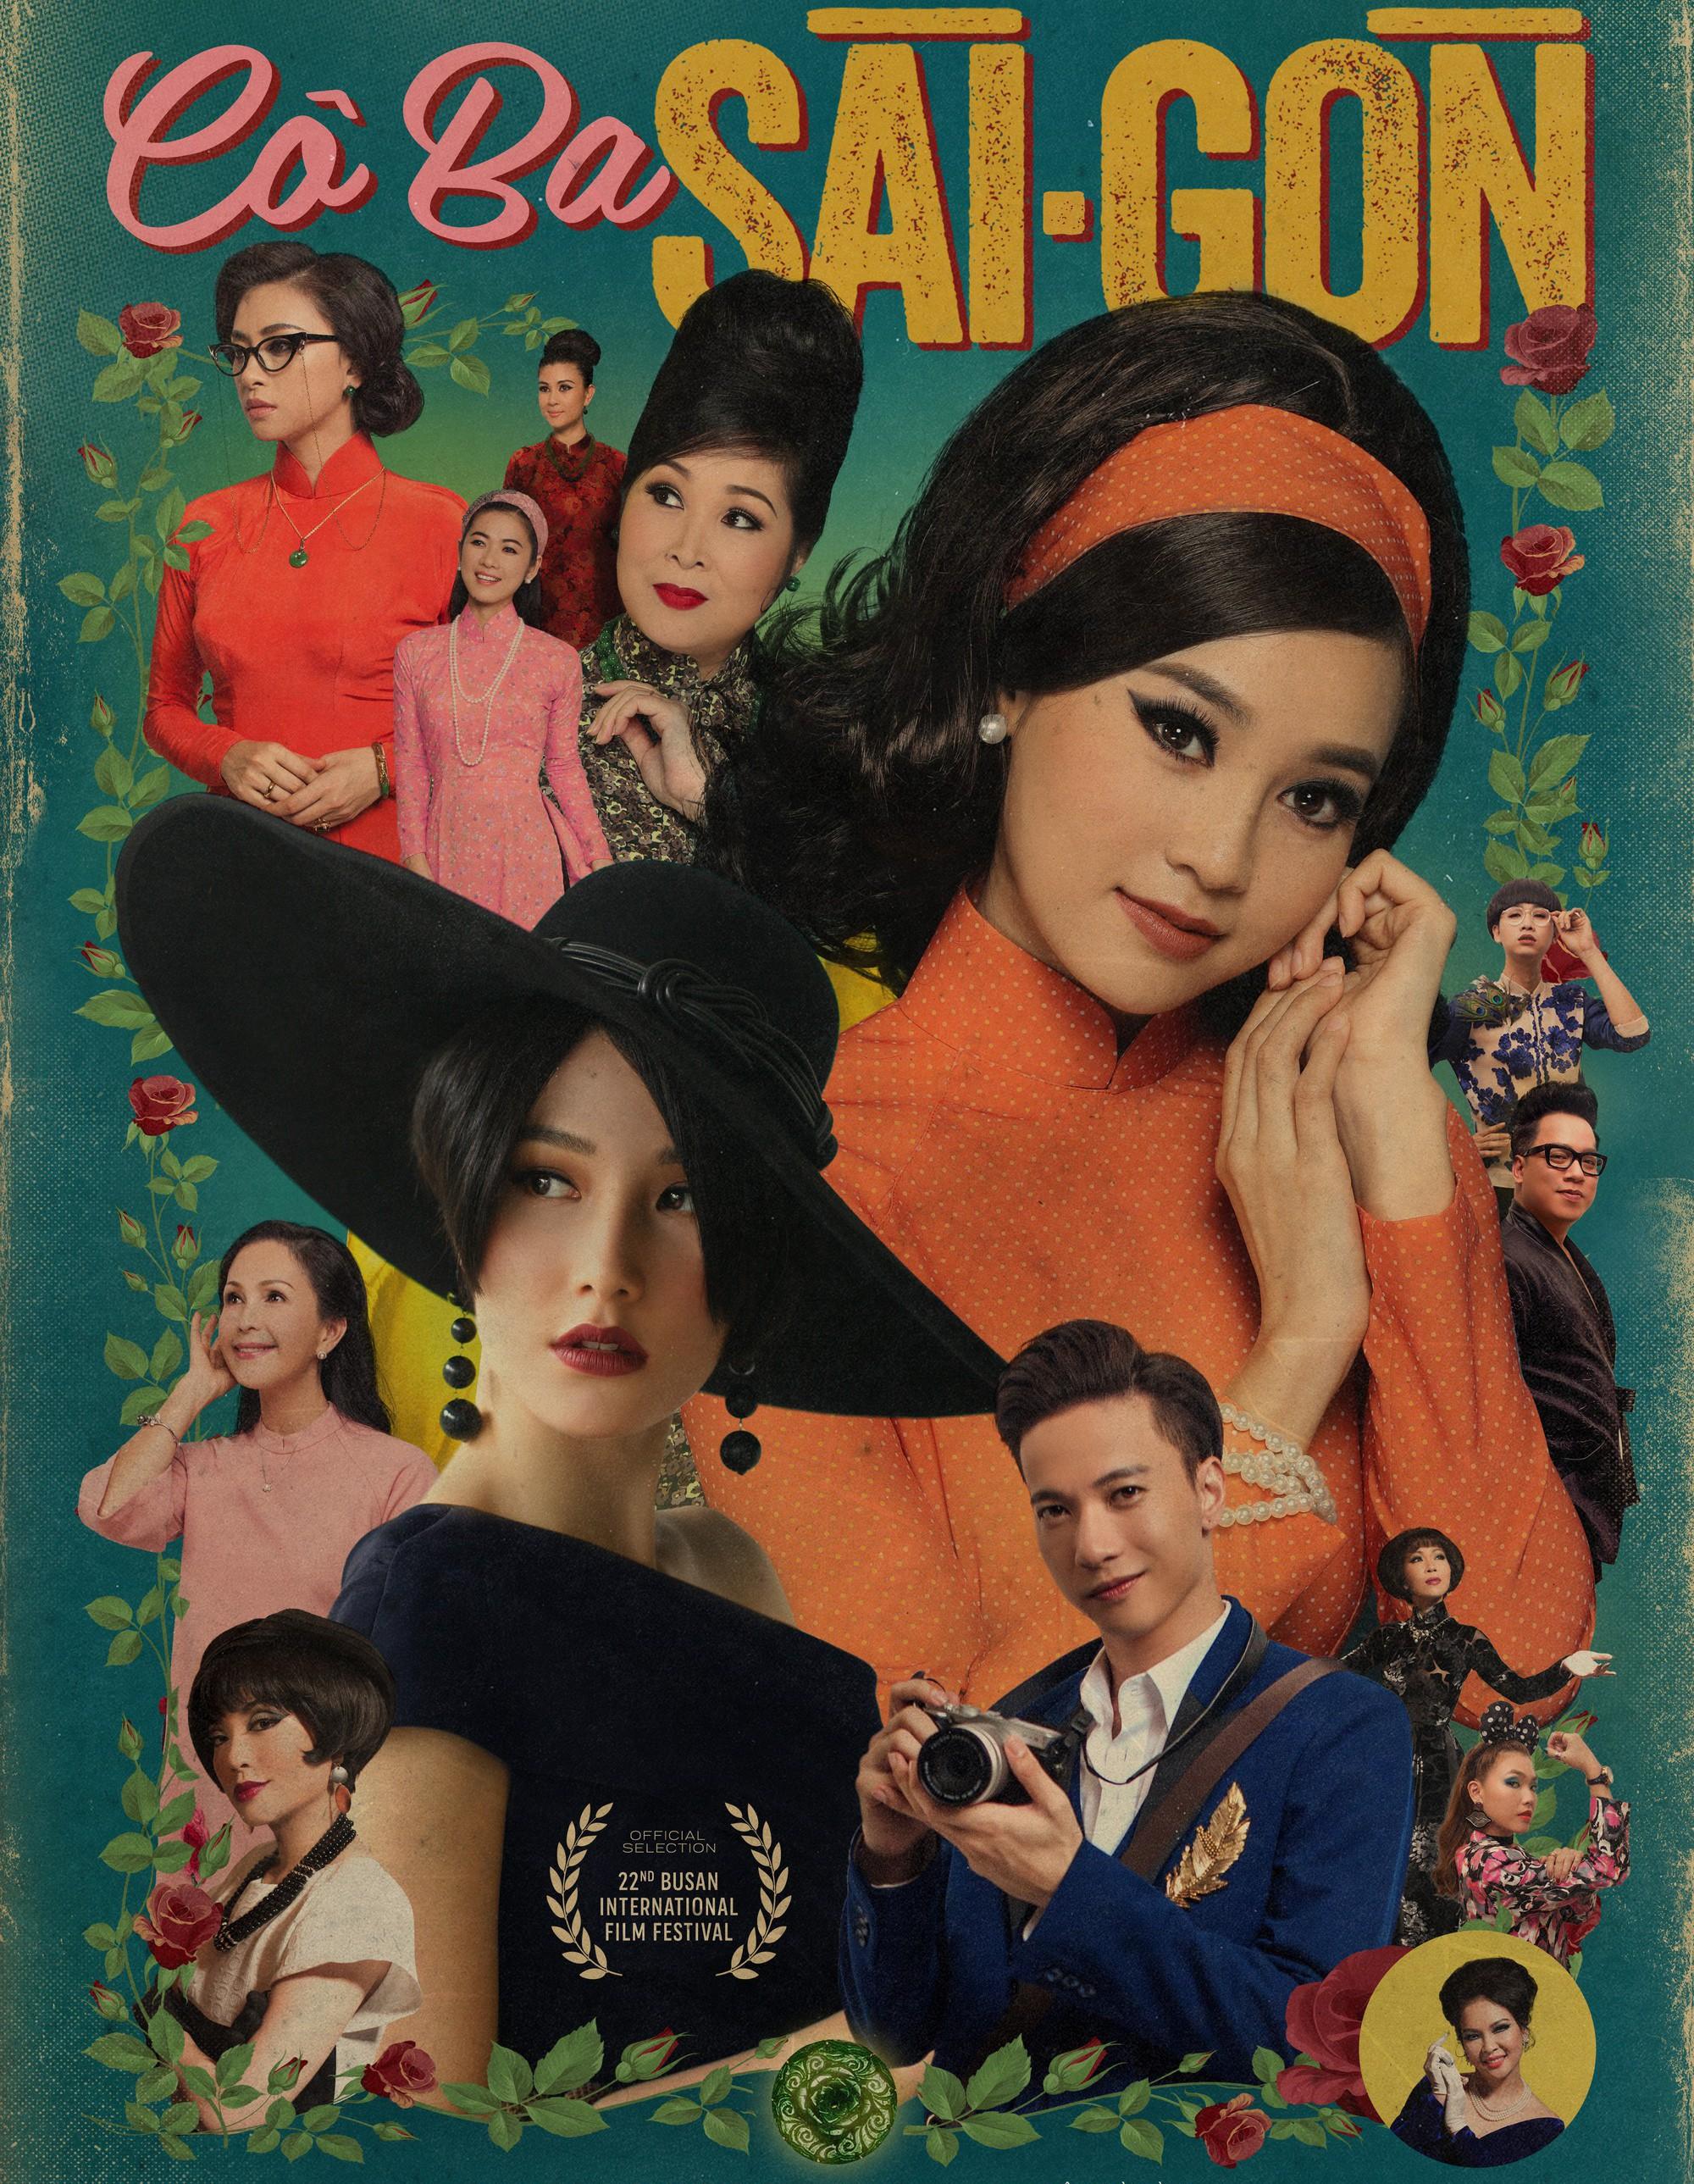 Tăng Thanh Hà, Lương Mạnh Hải và nhiều sao Việt đồng loạt khen ngợi Cô Ba Sài Gòn hết lời - Ảnh 1.